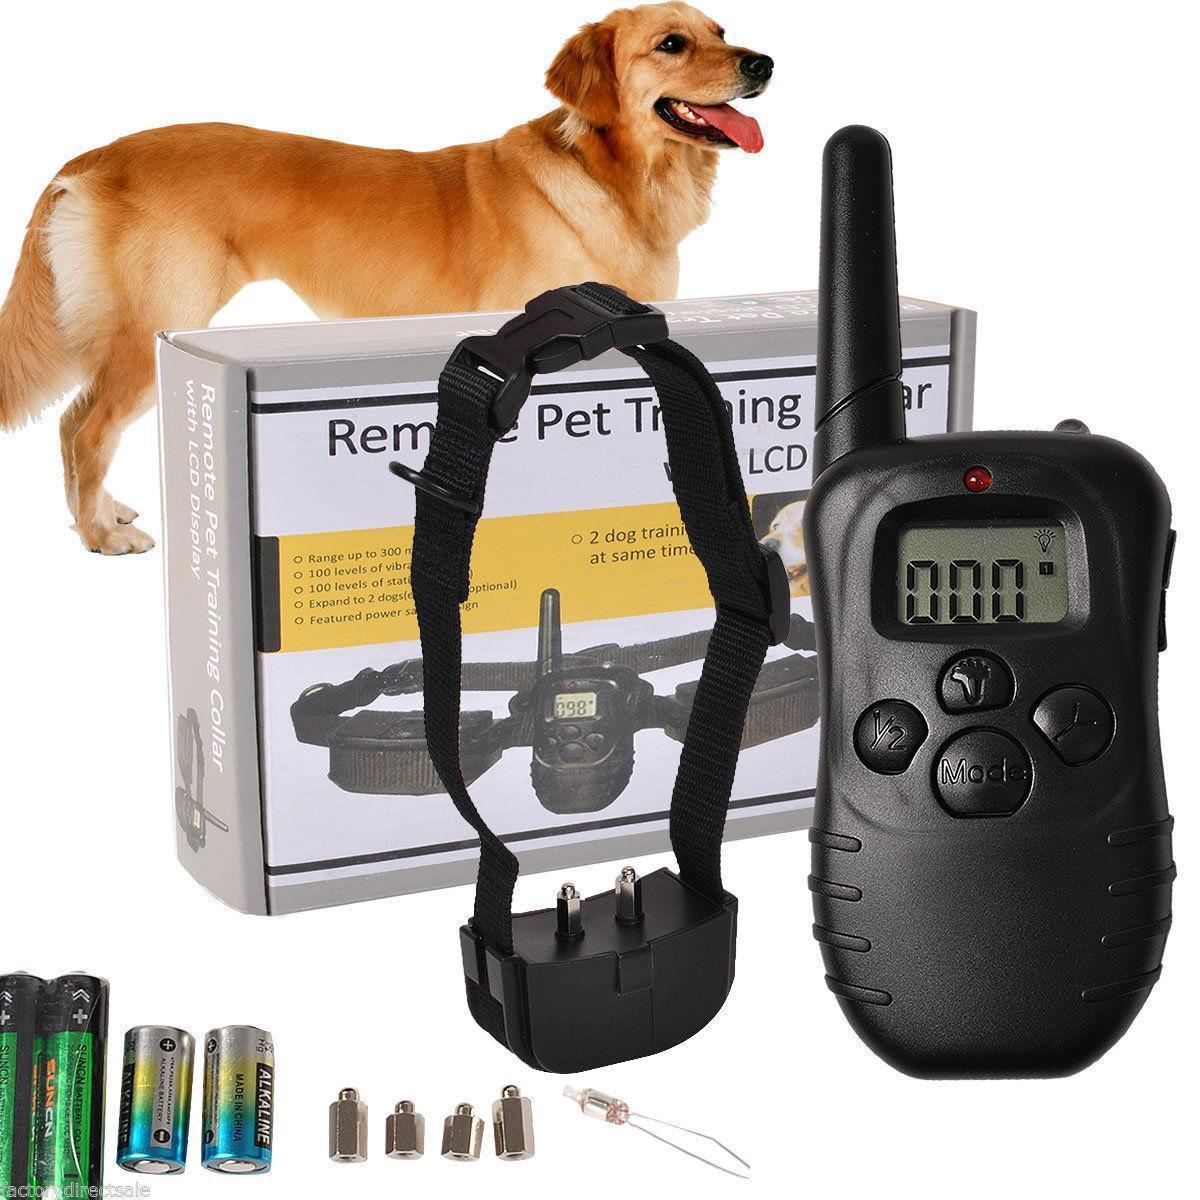 제어 LCD 훈련을 짖는 장치 제조업체, 도매 애완 동물 용품 원격 제어 껍질 정류장 짖는 정지 정지 개 훈련을 행사